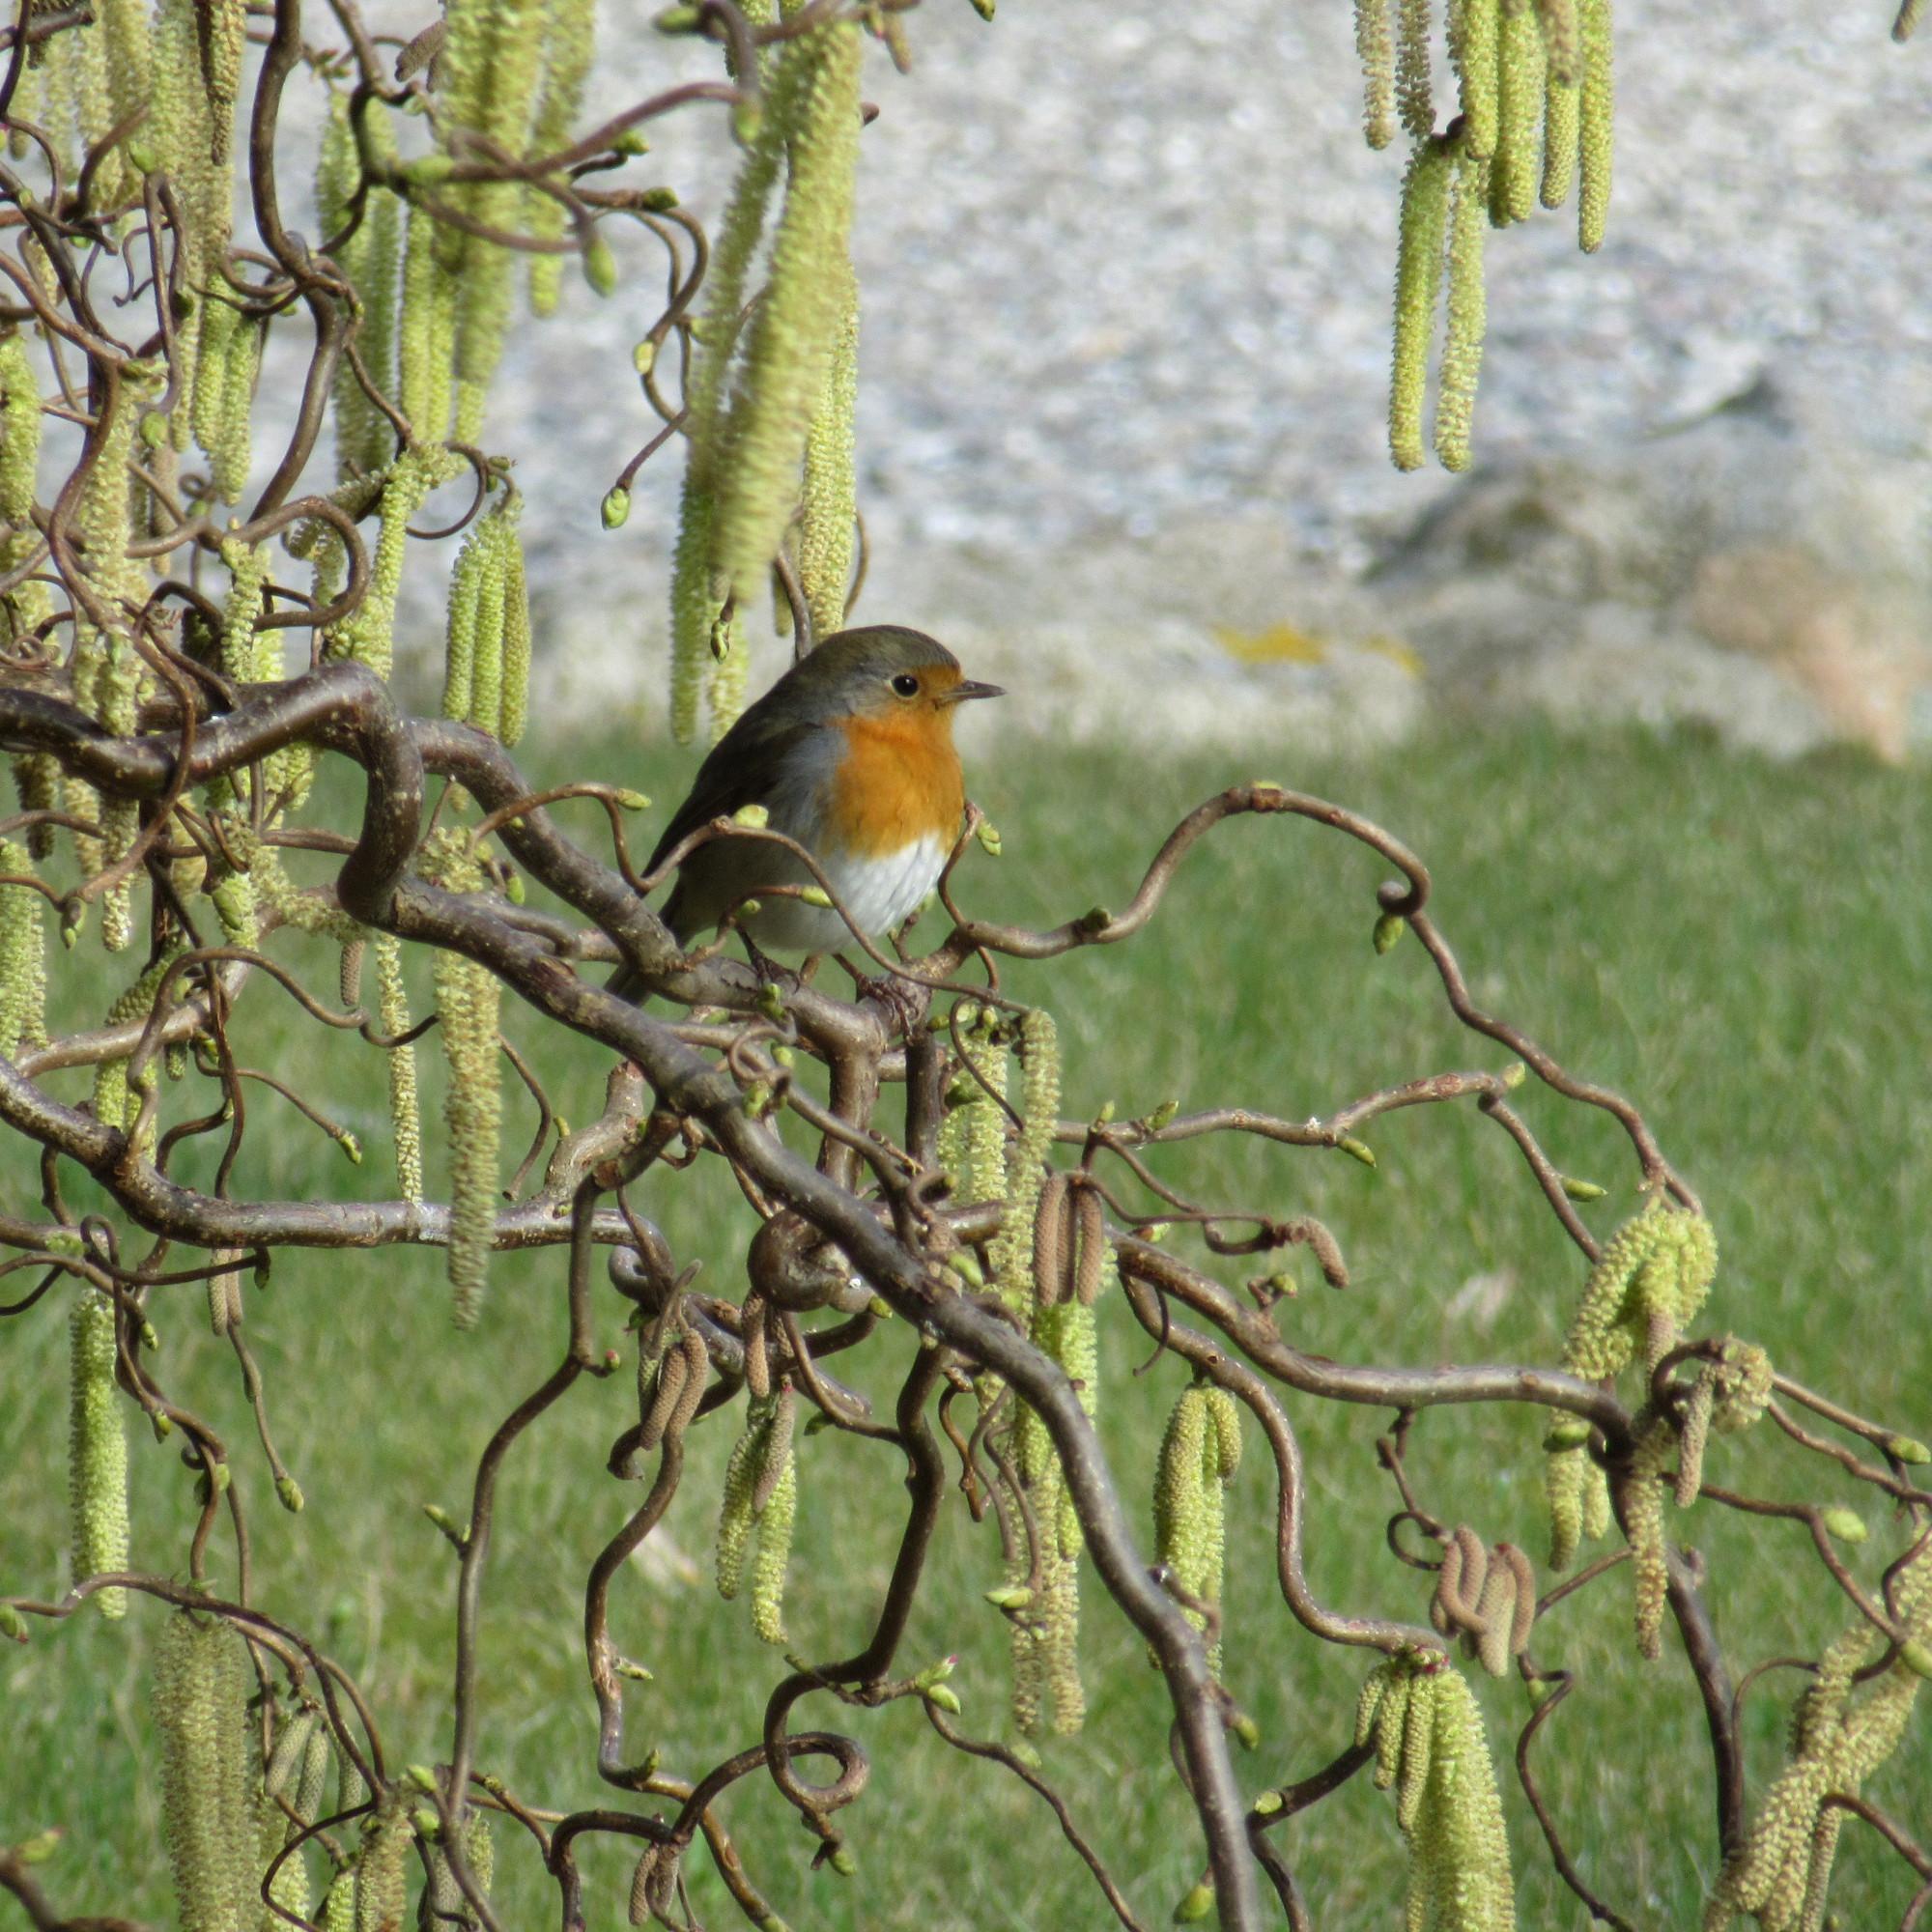 Auch das Rotkehlchen auf der Korkenzieherhaselnuss begrüßt den Frühling